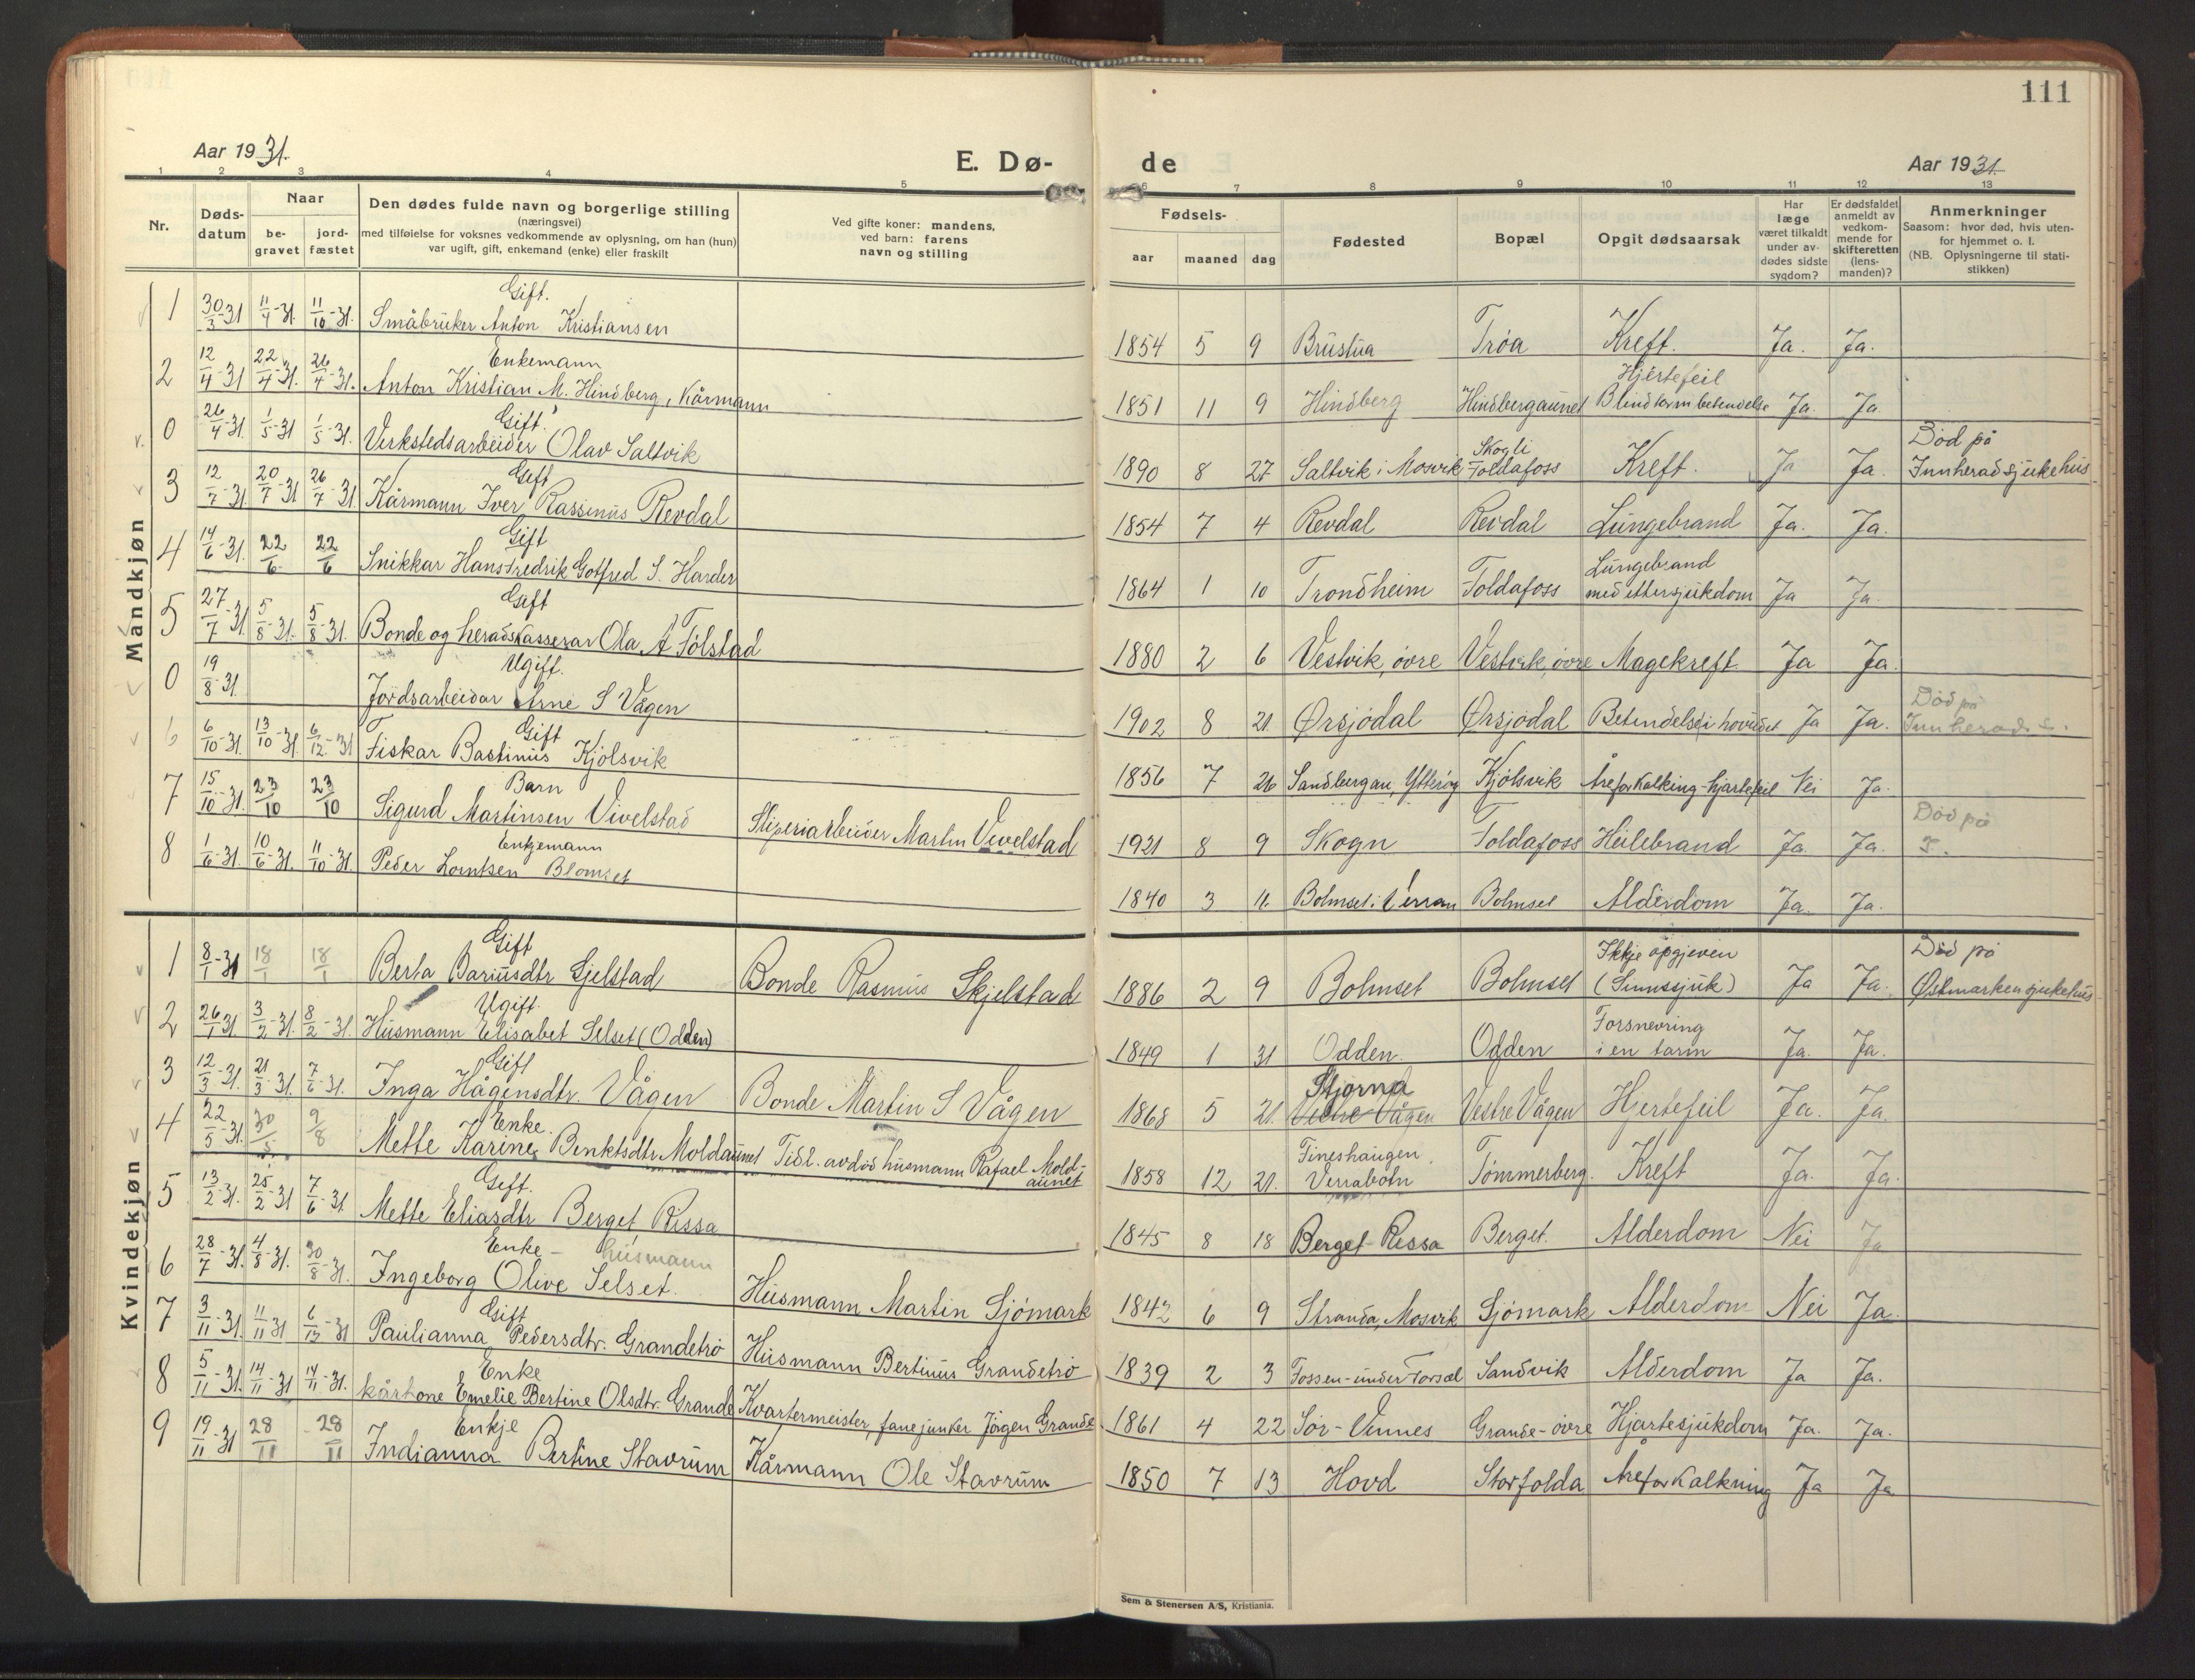 SAT, Ministerialprotokoller, klokkerbøker og fødselsregistre - Nord-Trøndelag, 744/L0425: Klokkerbok nr. 744C04, 1924-1947, s. 111